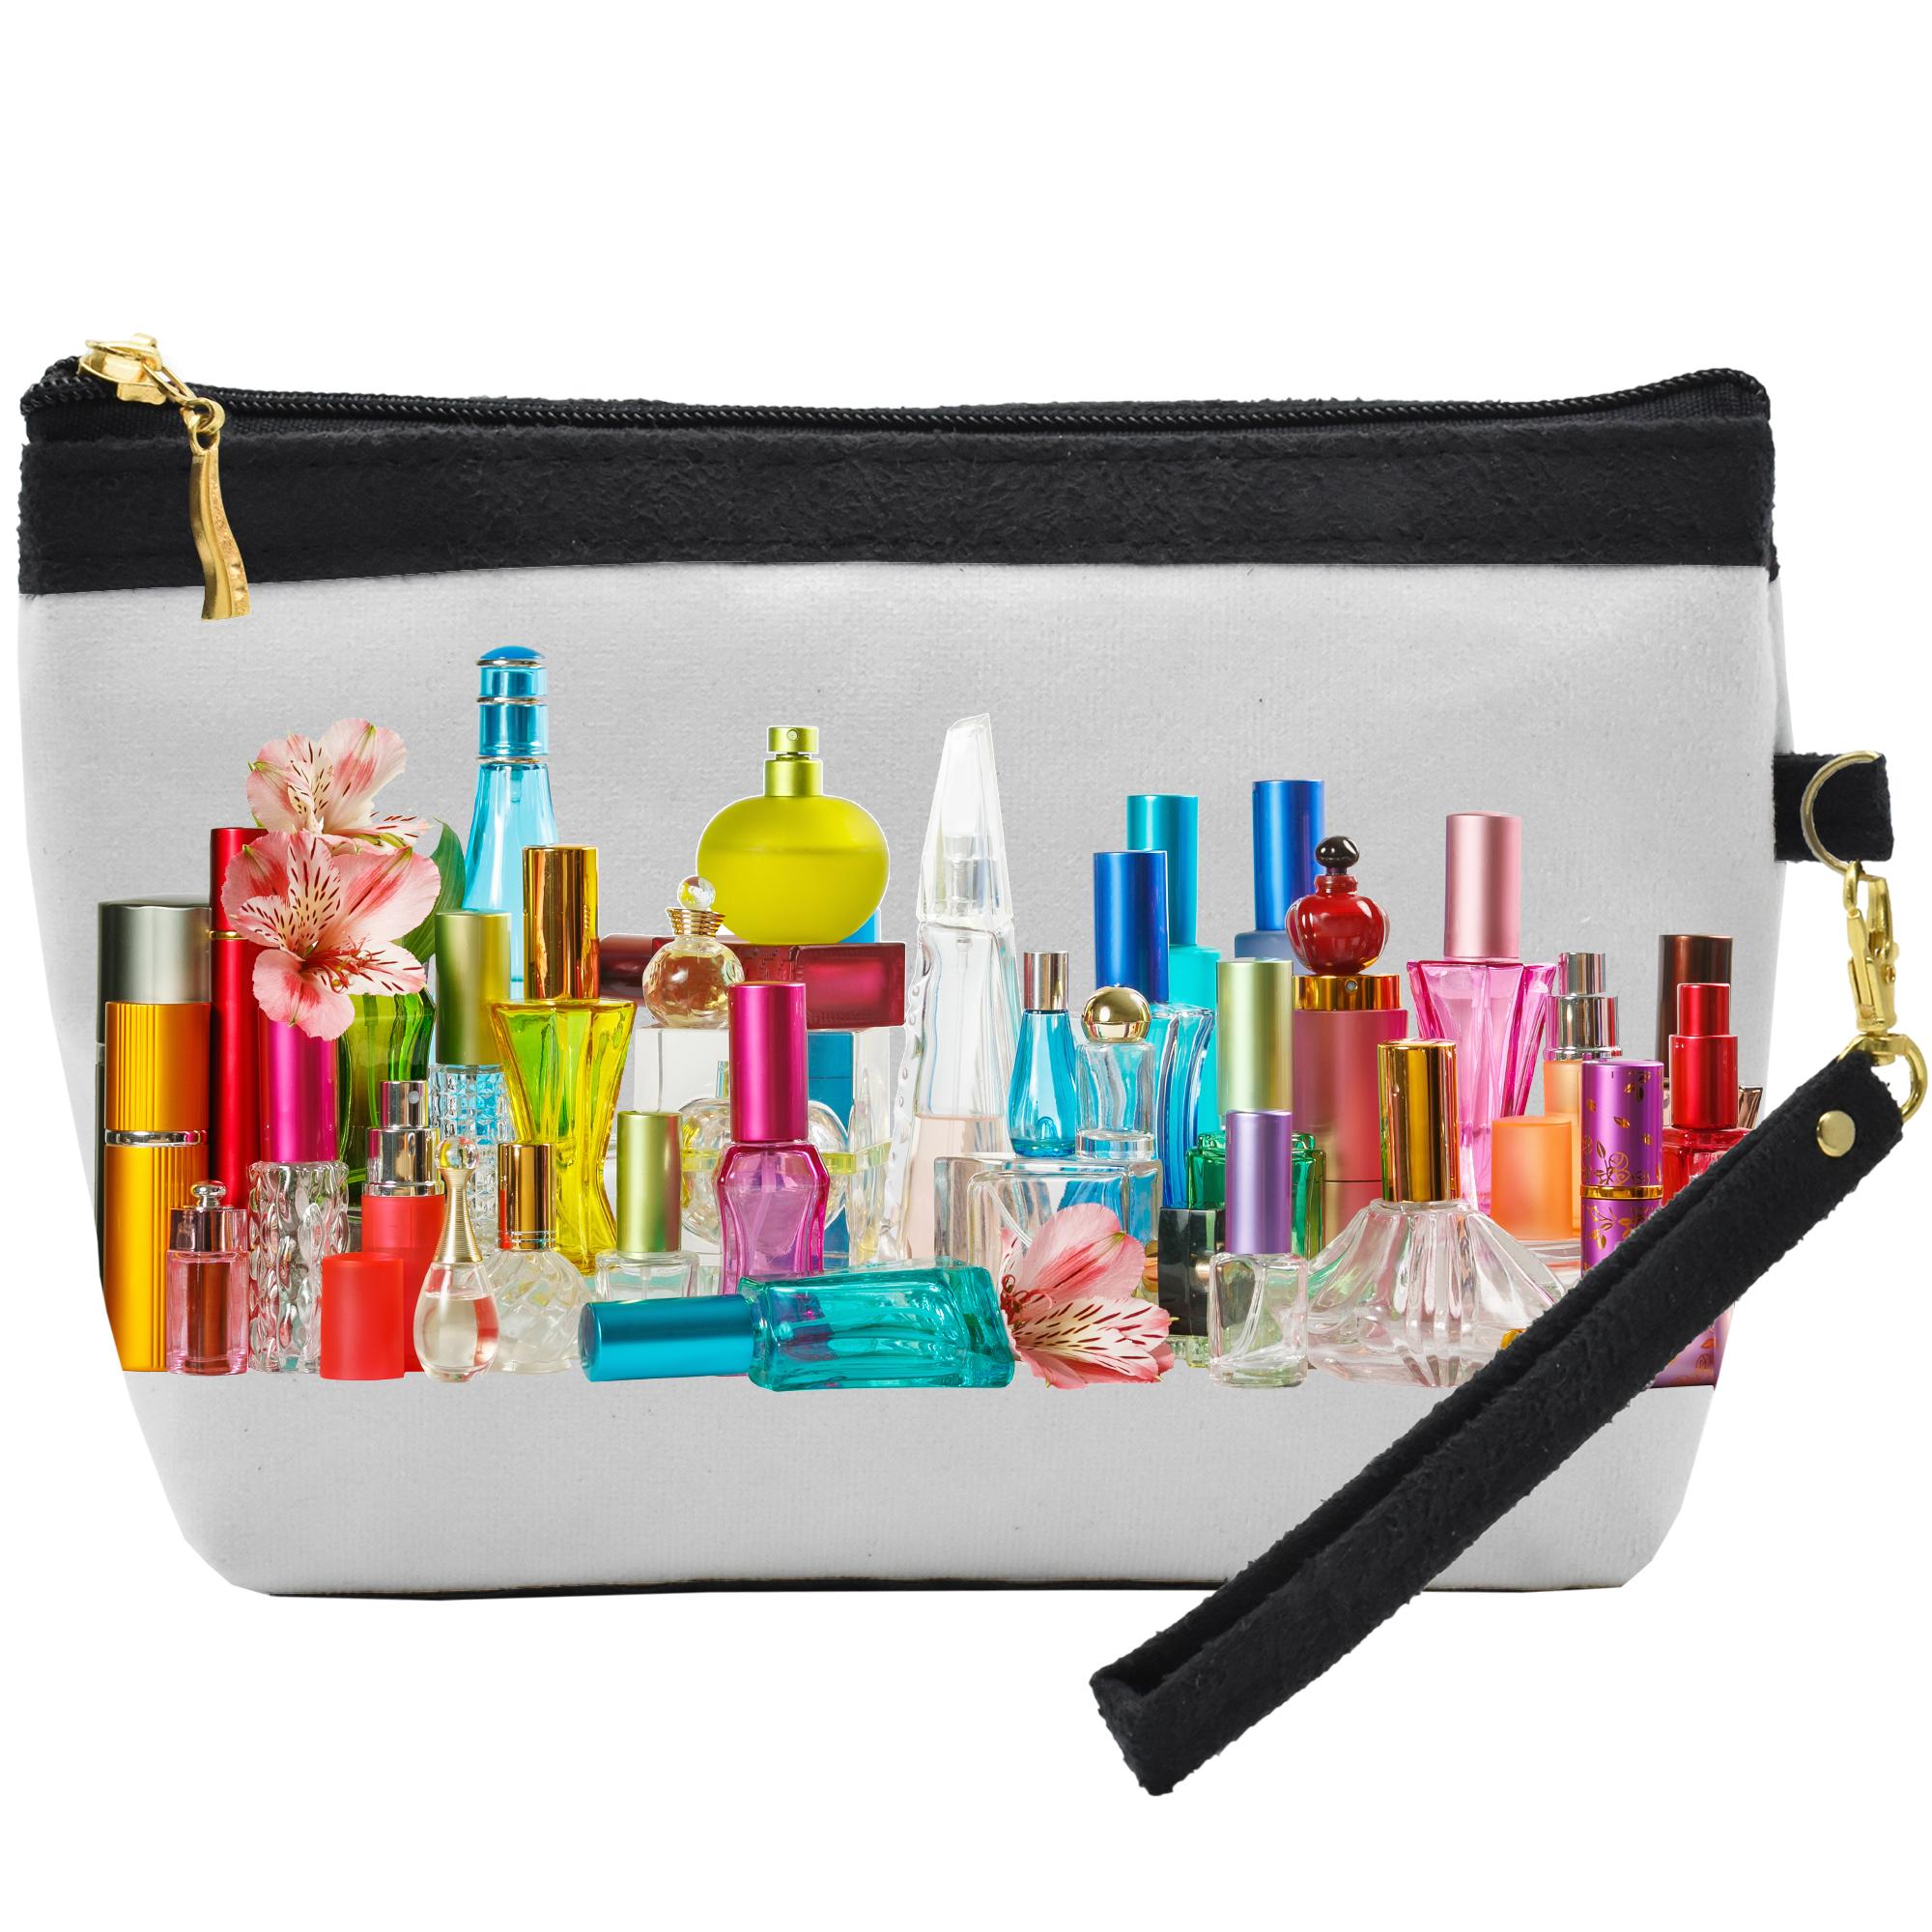 قیمت کیف لوازم آرایشی آکو مدلKA01